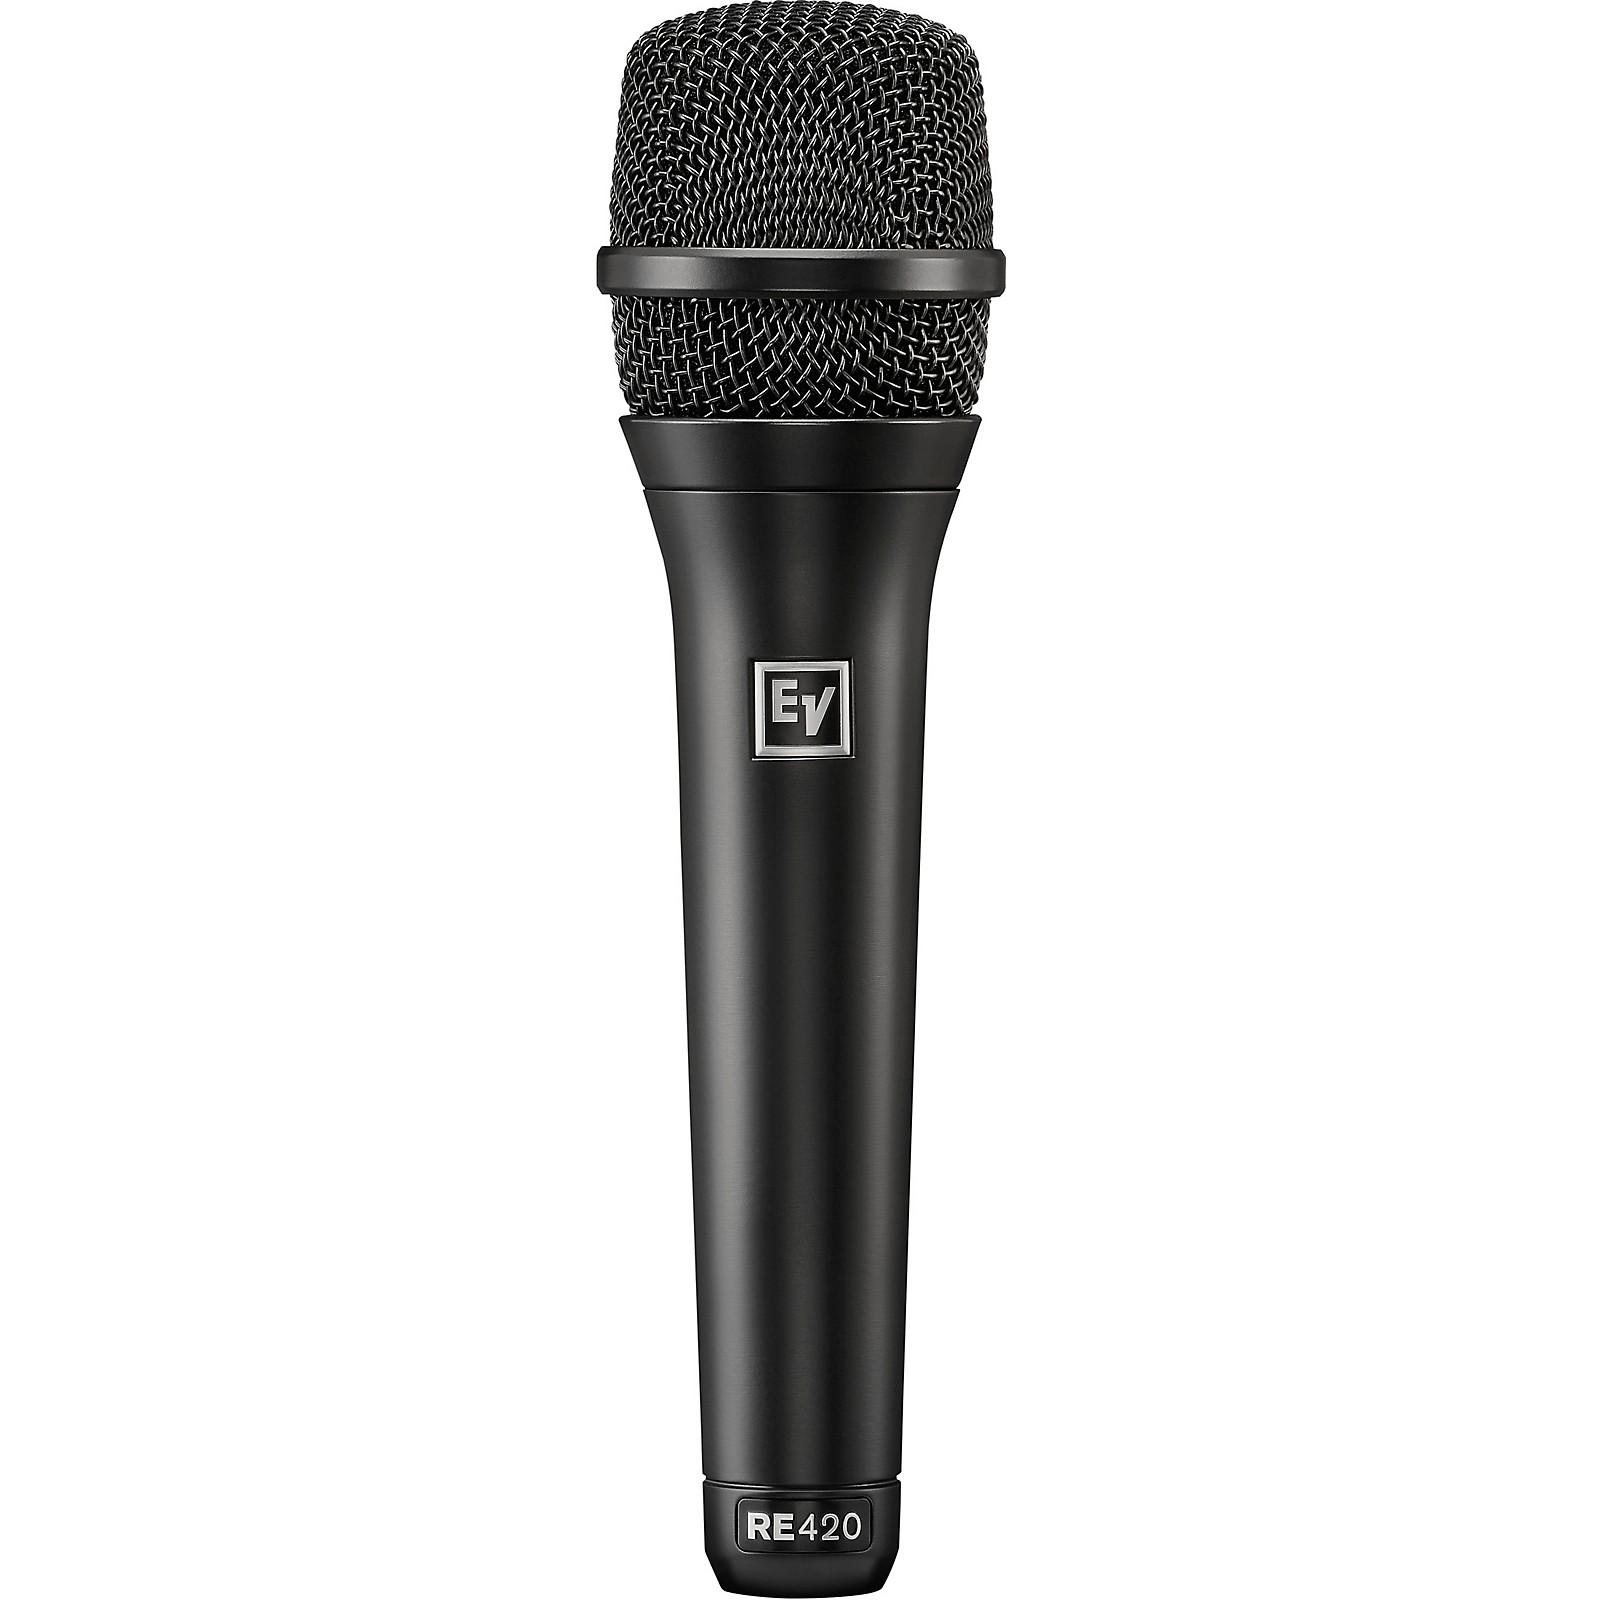 Electro-Voice RE420 Premium Condenser Cardioid Vocal Microphones